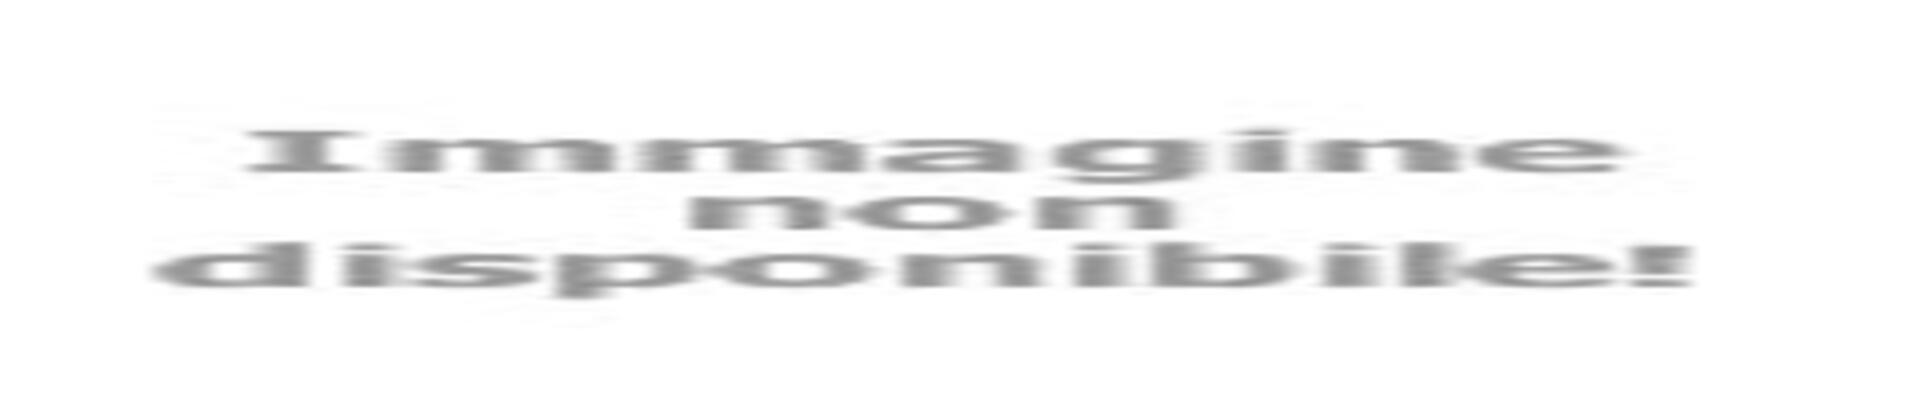 Speciale Settimana Notte Rosa in hotel Rimini con Piscina e Serata Pink Star